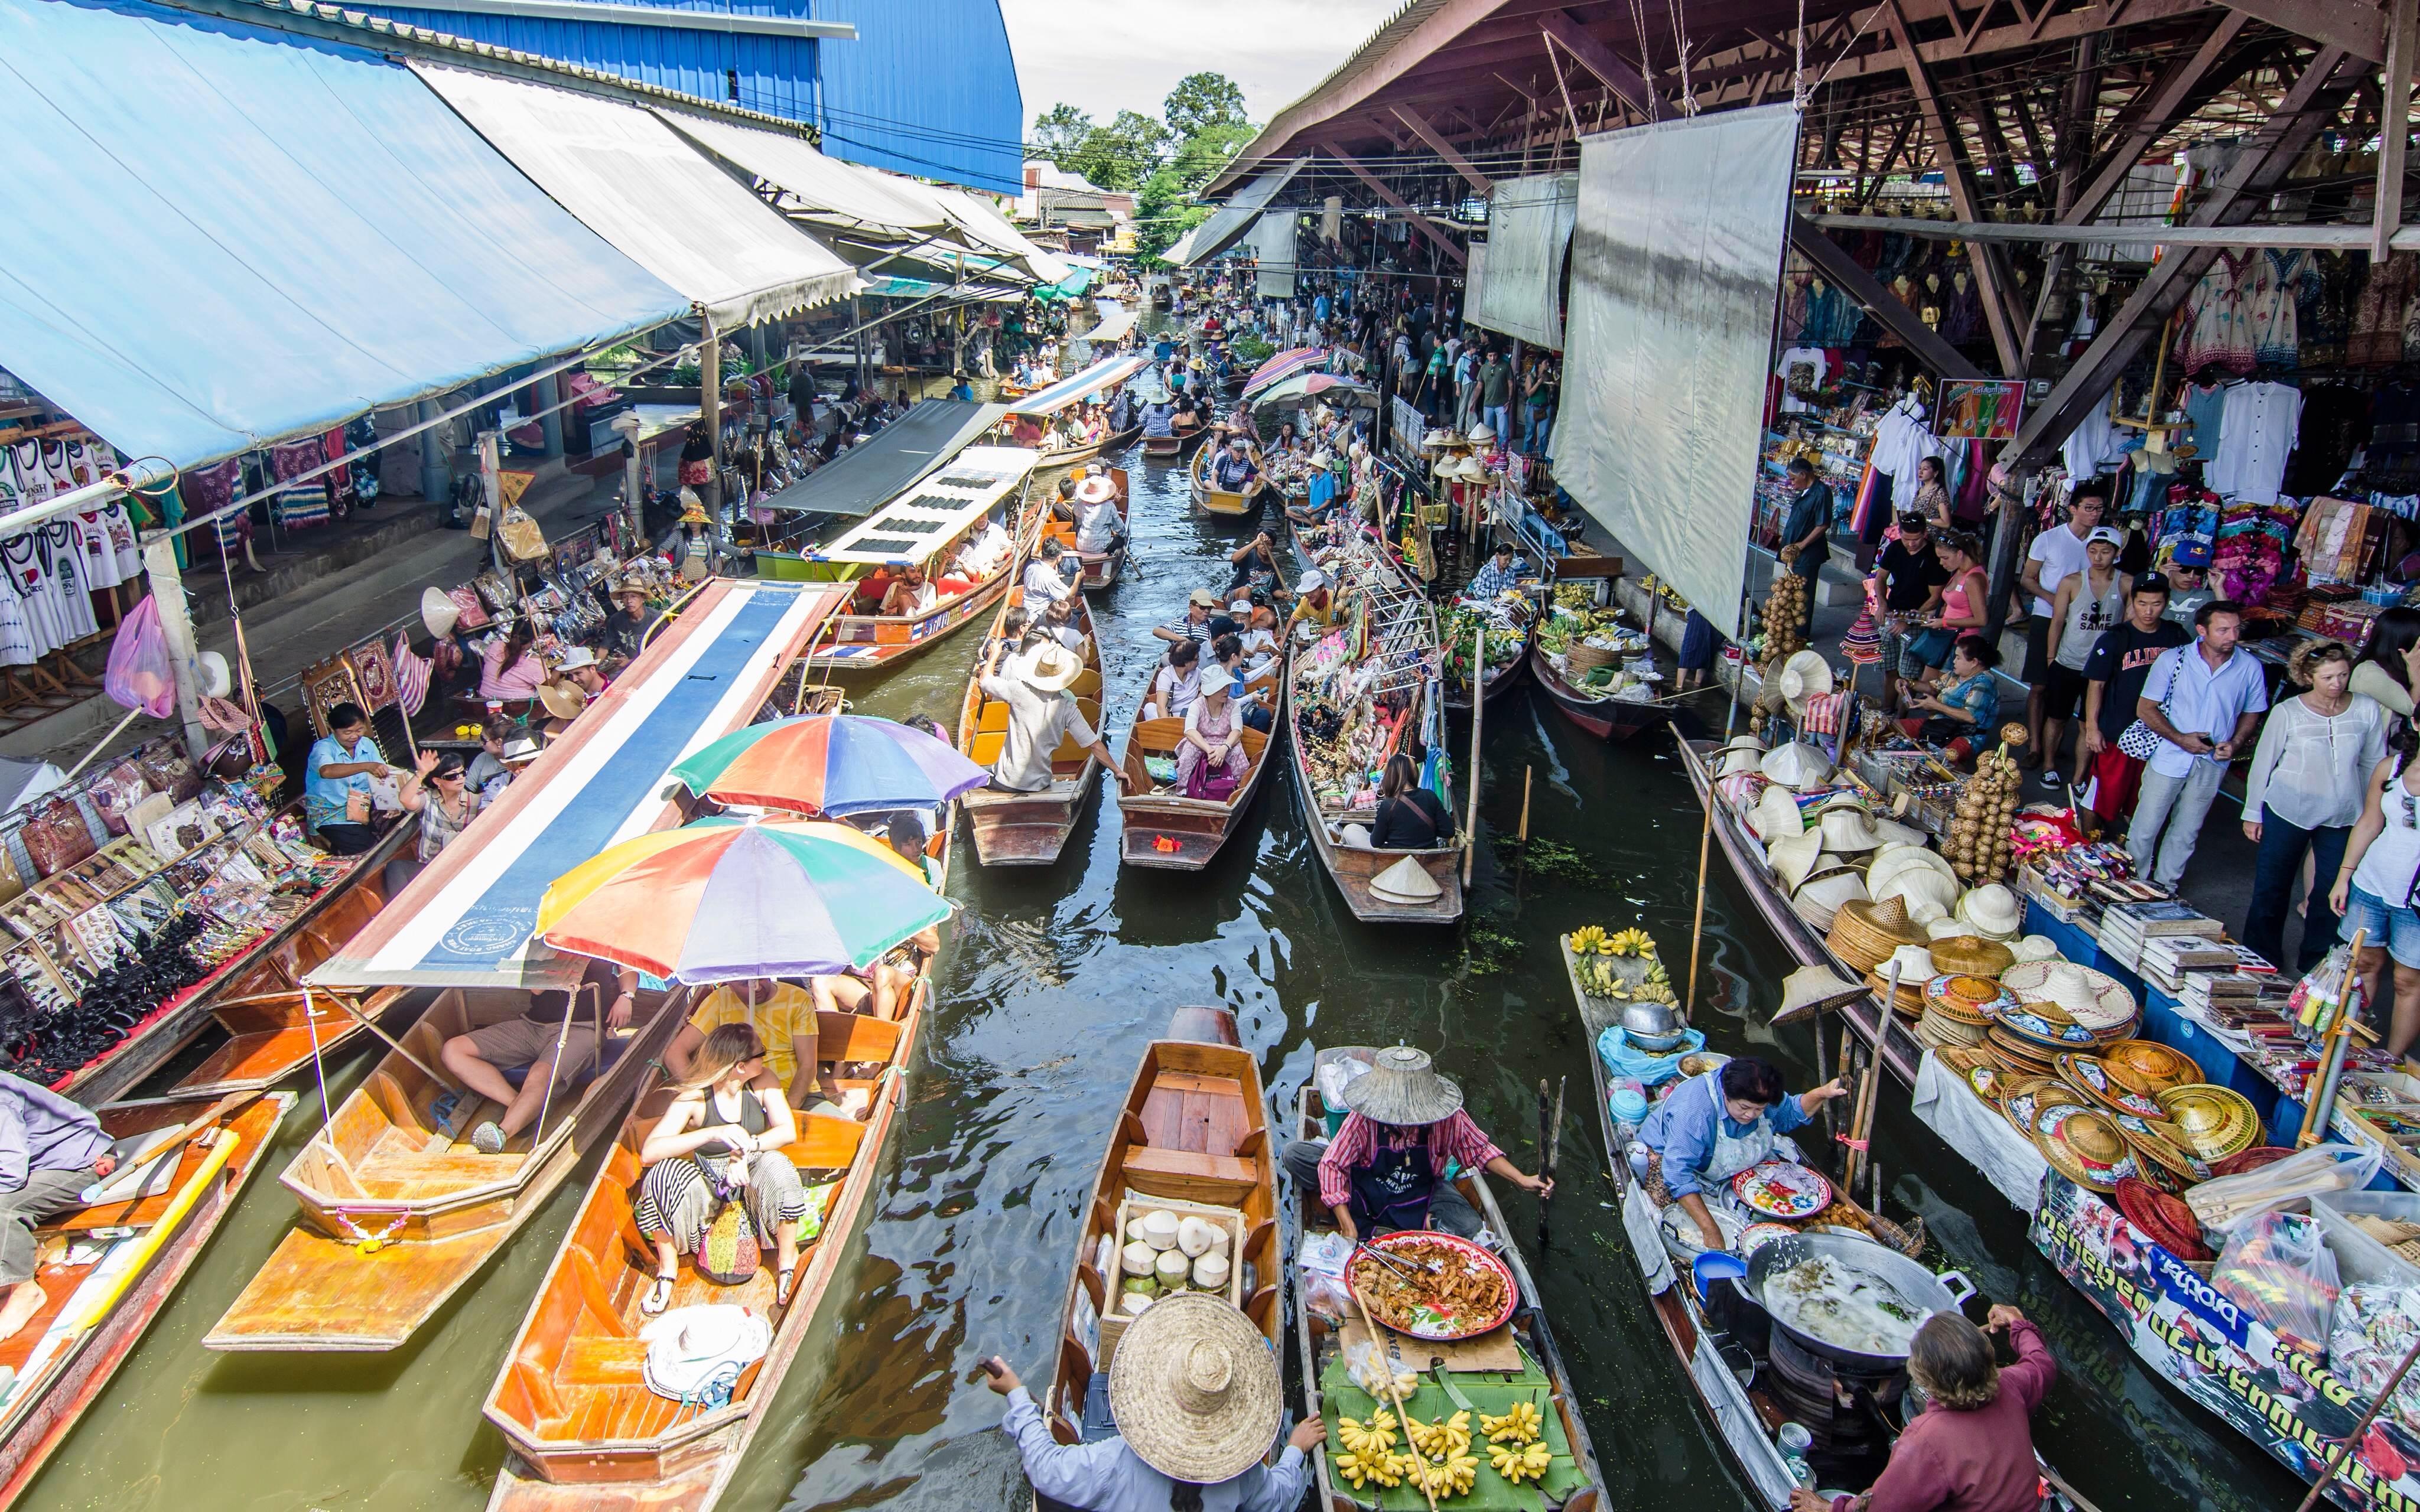 2013-05-27-BangkokFloatingMarketAlbertoS.Dosantos.jpg